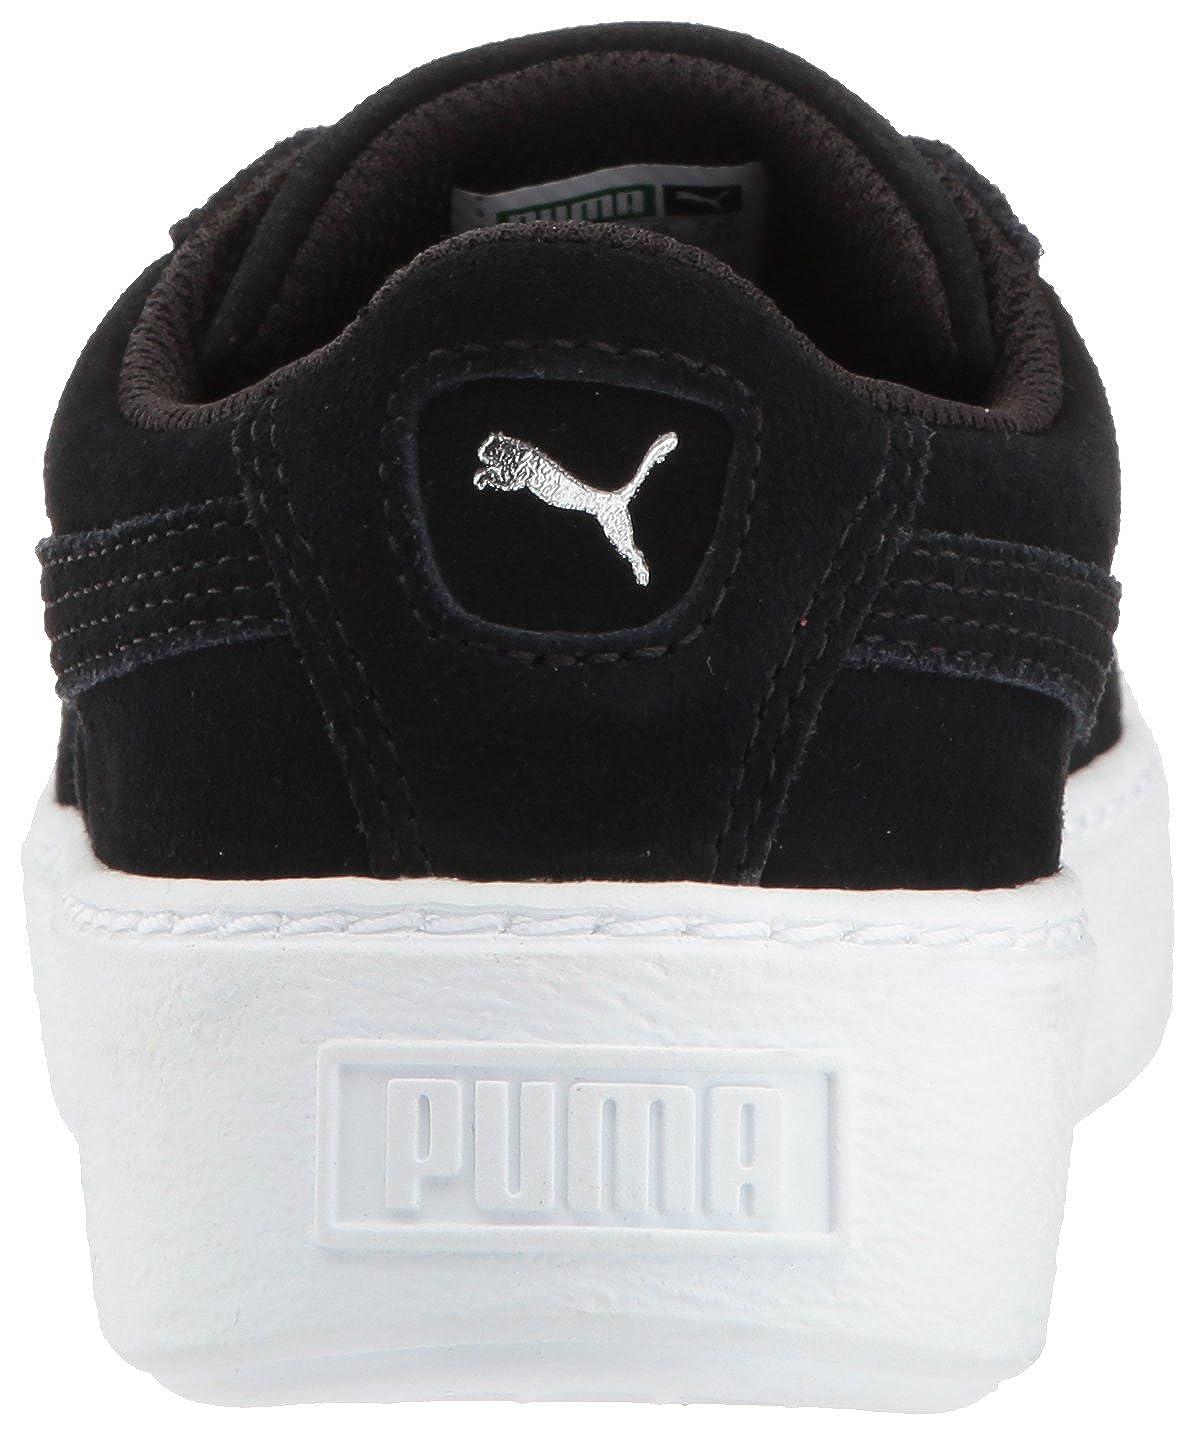 PUMA Suede Platform Glam Kids Sneaker 3649220